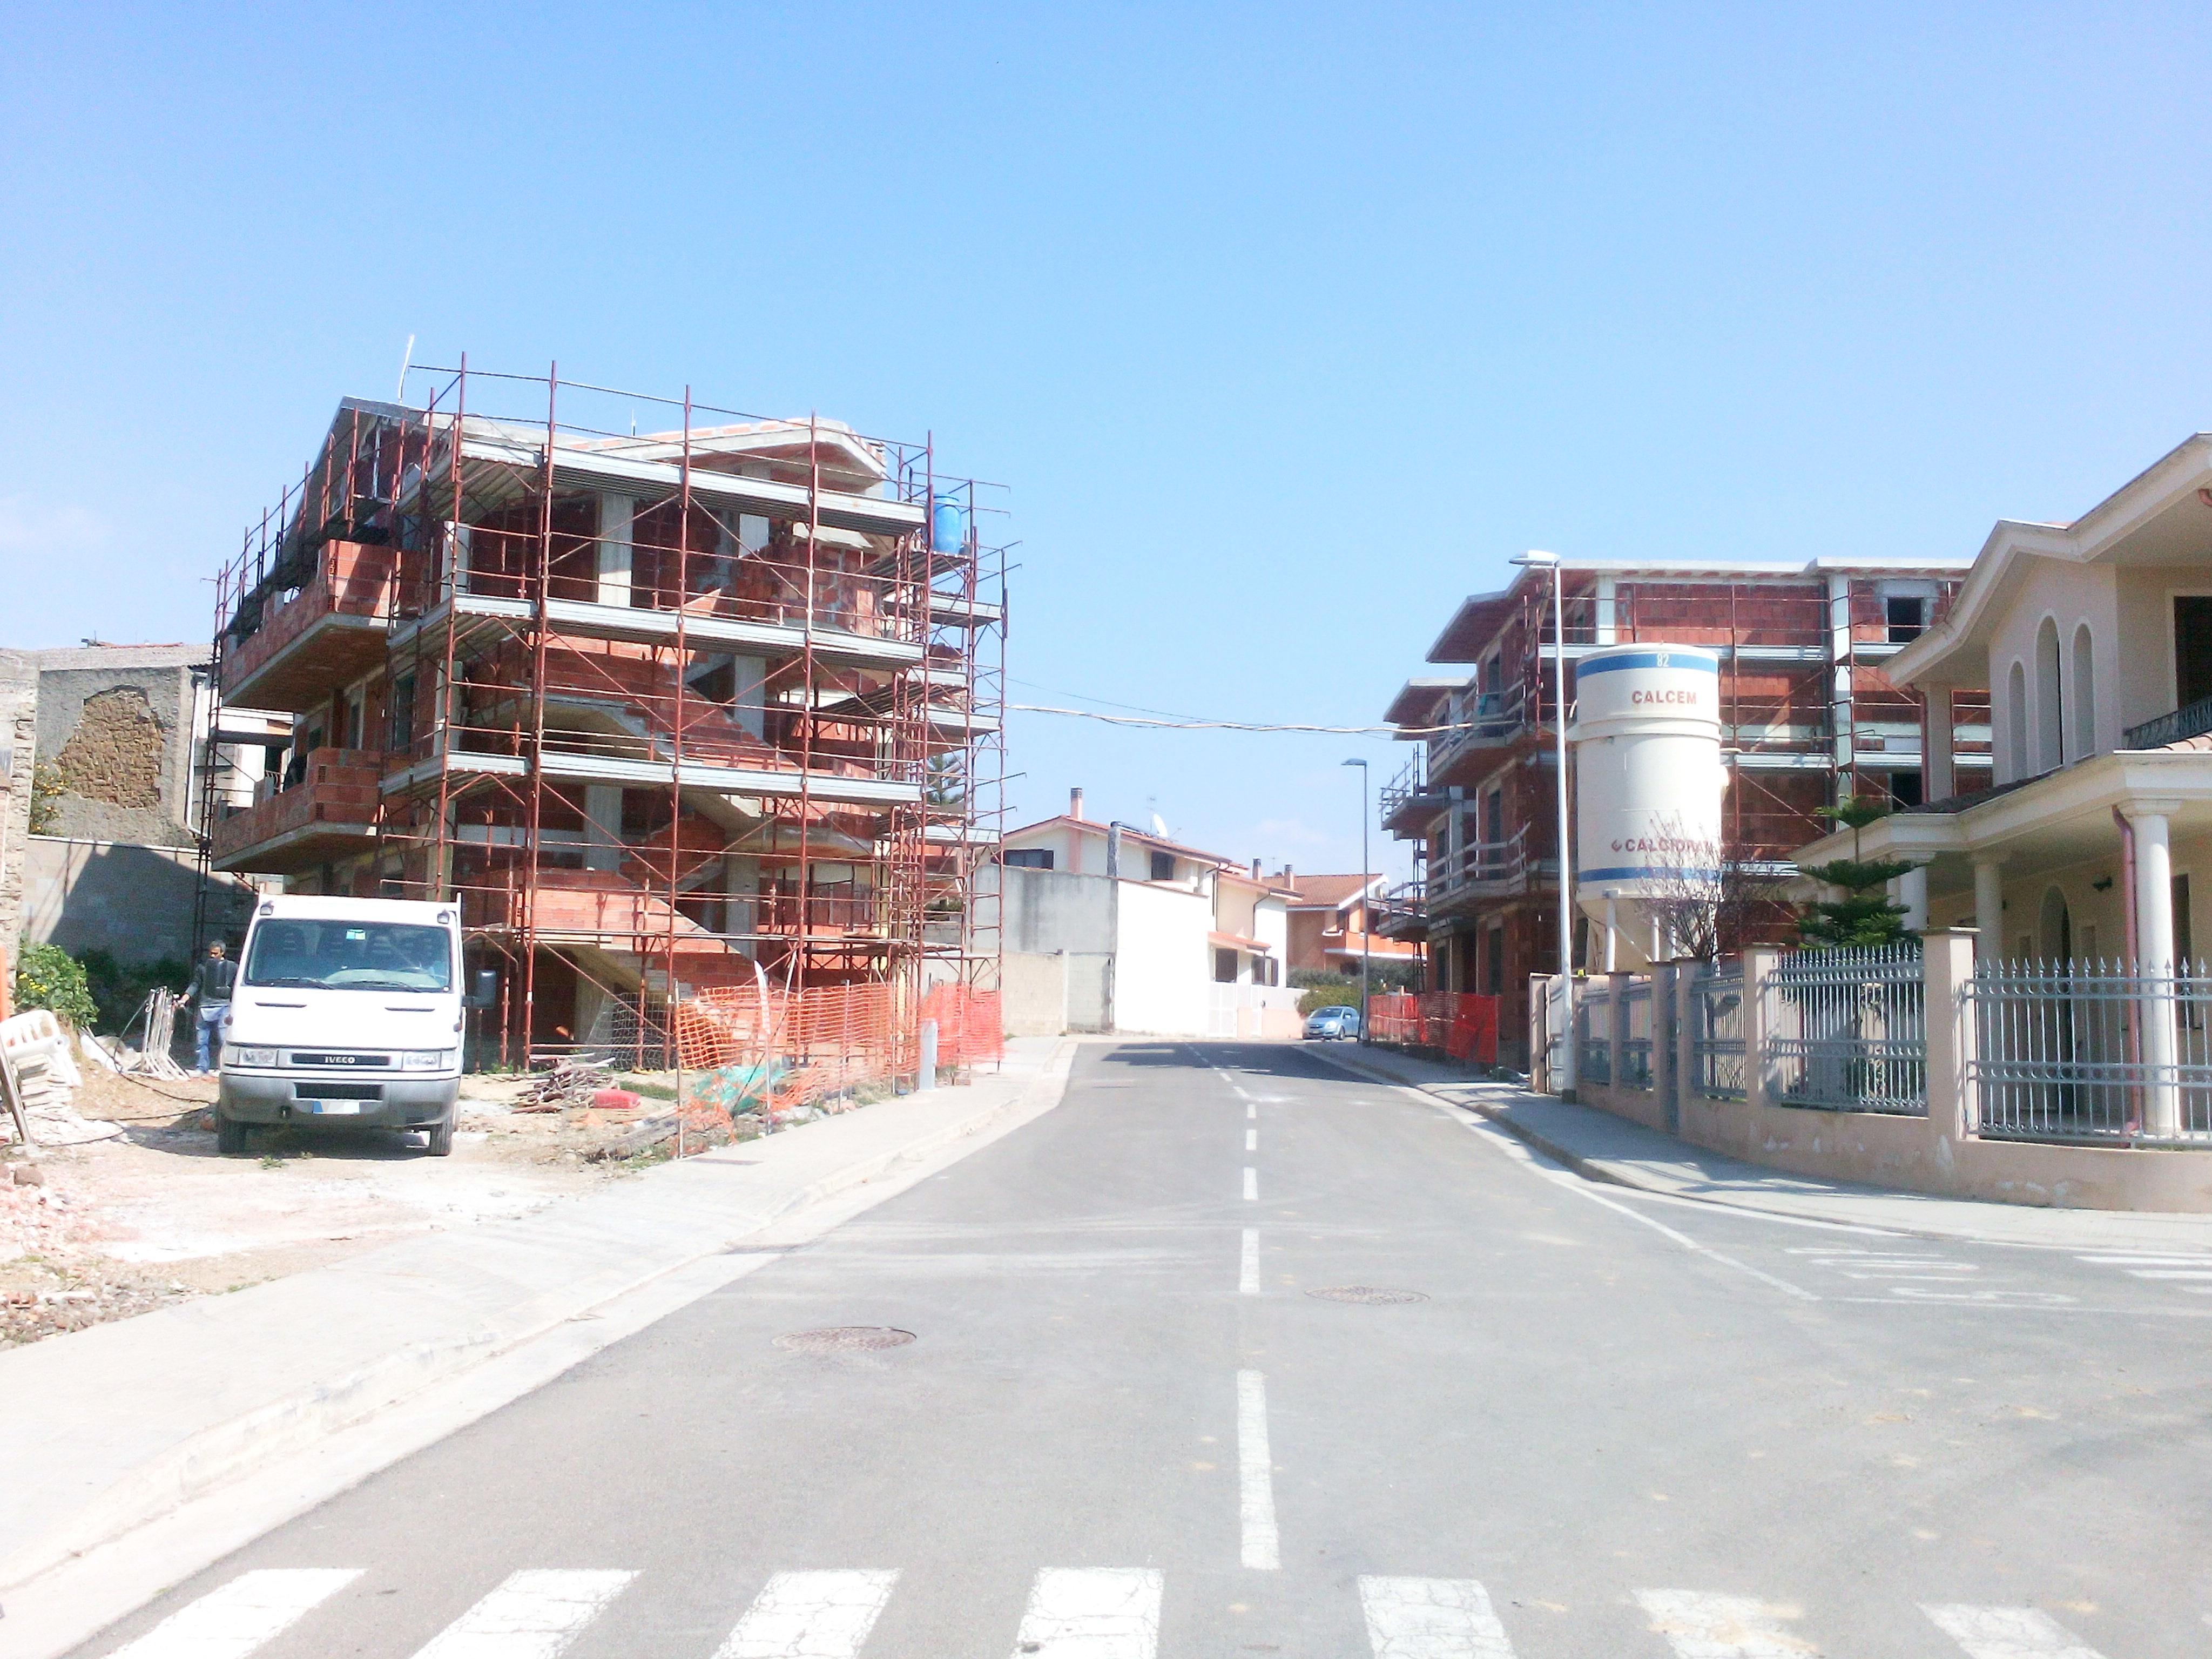 Vendita appartamenti a Decimomannu